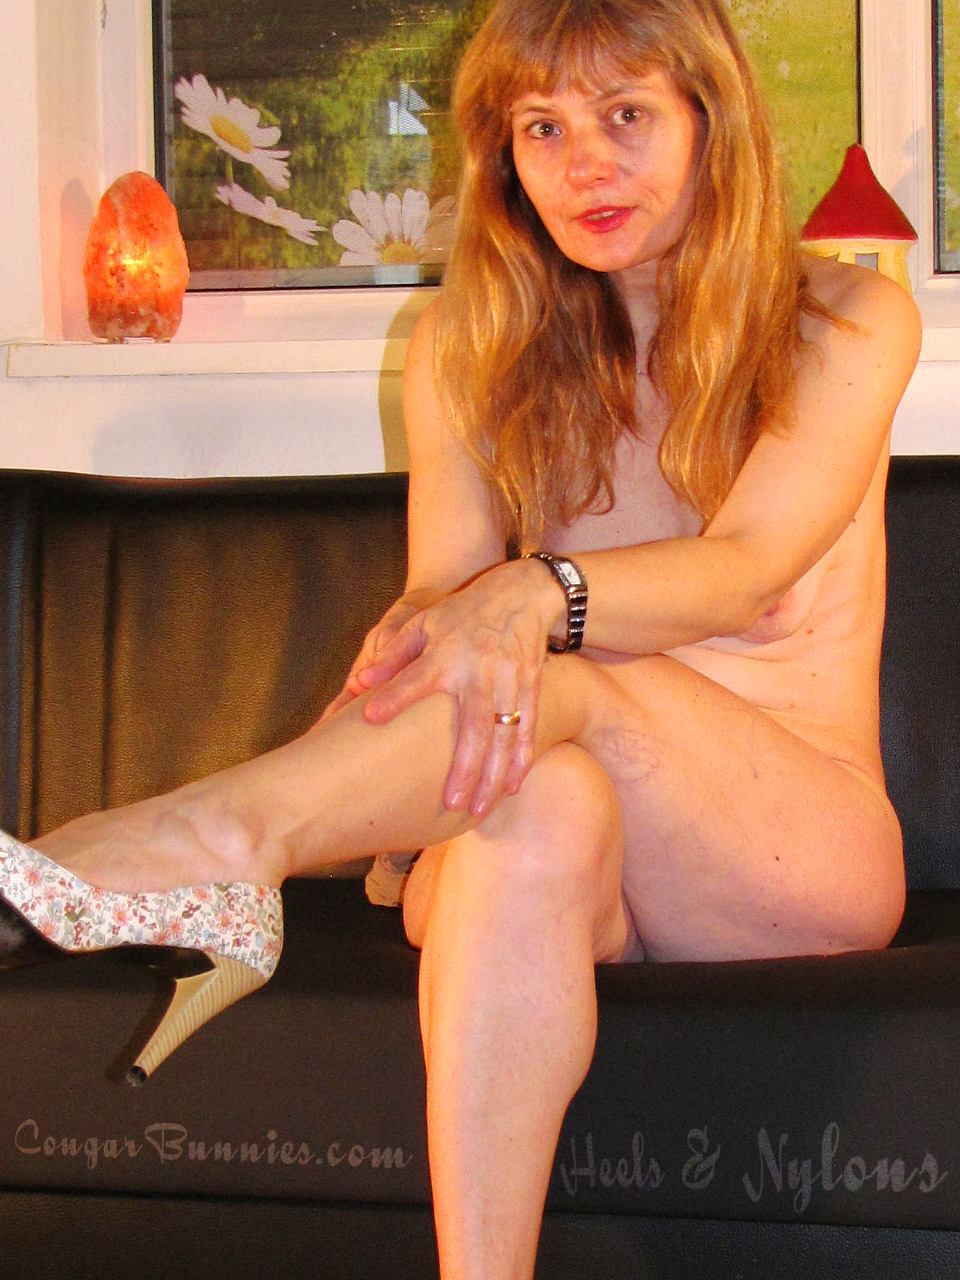 960x1280-cougarbunnies-heels-nylons-doris1